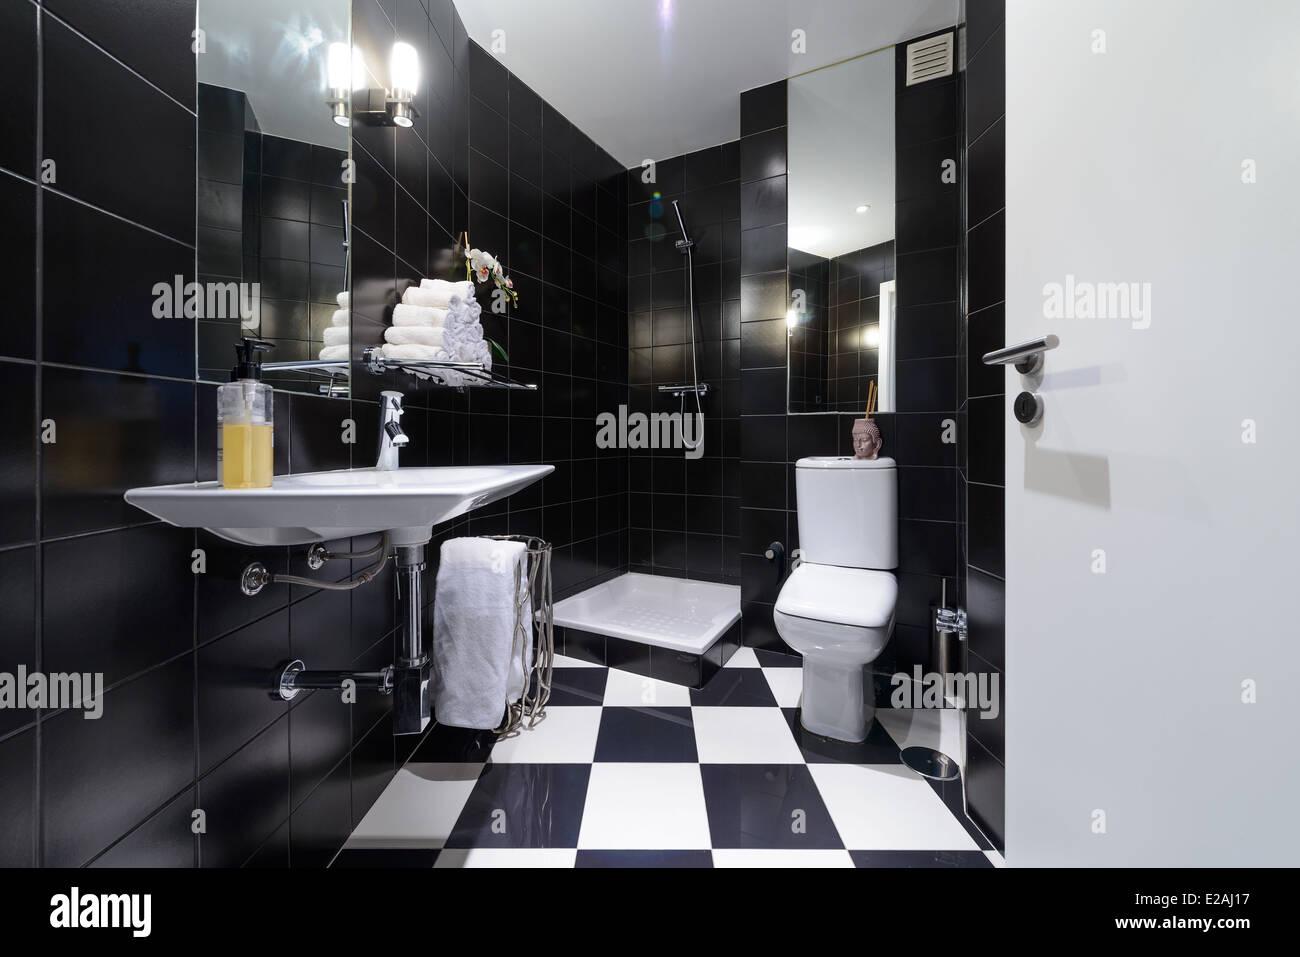 Modernes Bad mit schwarzen Fliesen Stockfotografie   Alamy